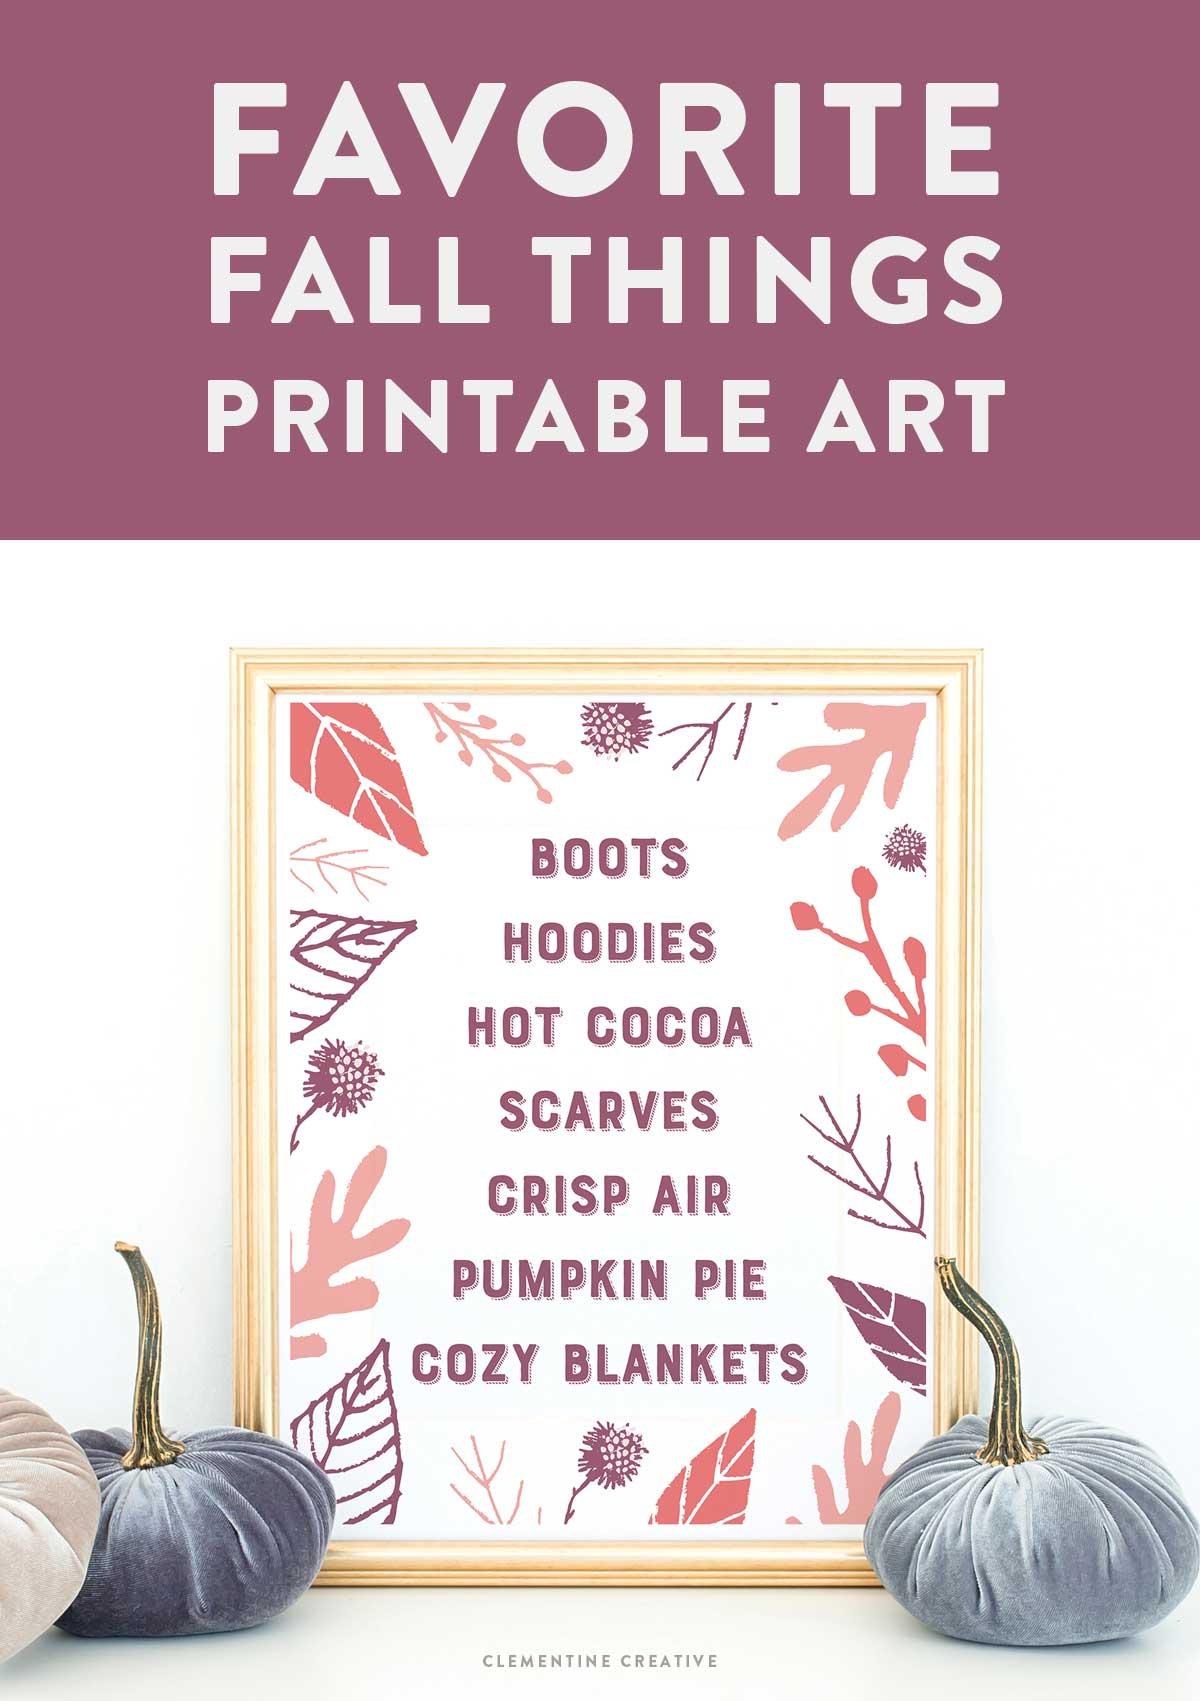 favorite fall things printable art